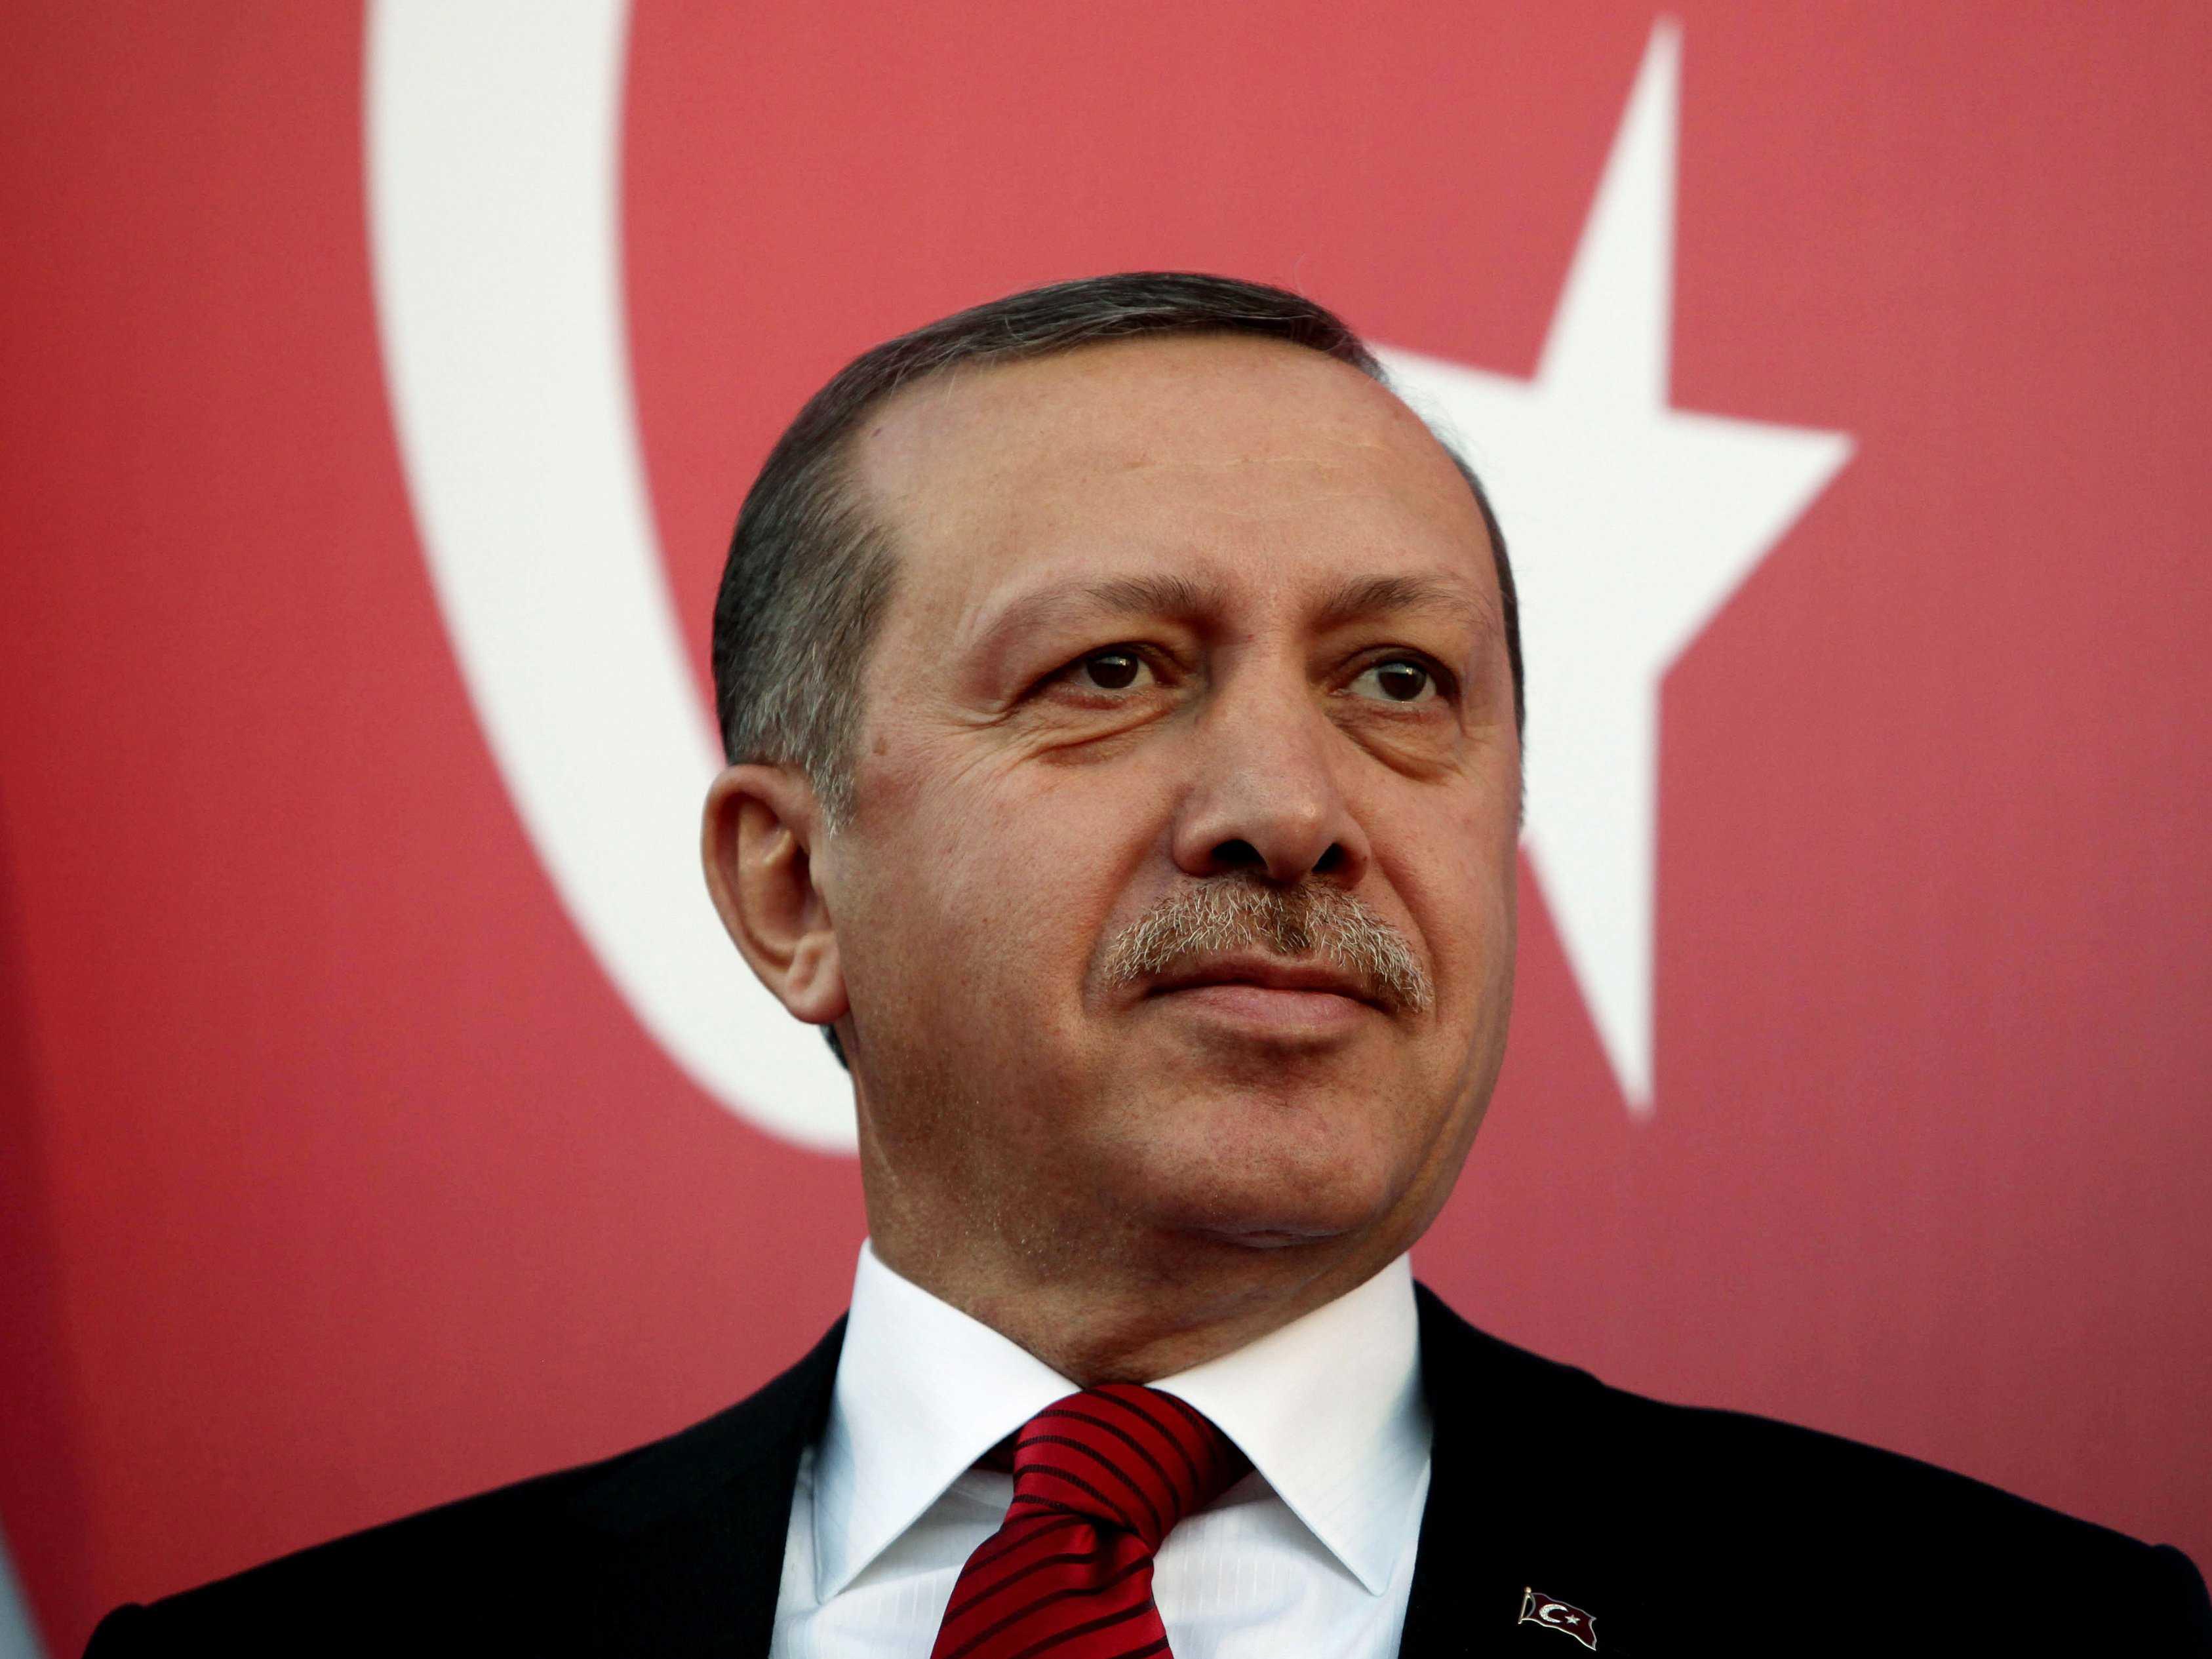 Erdogan ce l'ha fatta, purtroppo